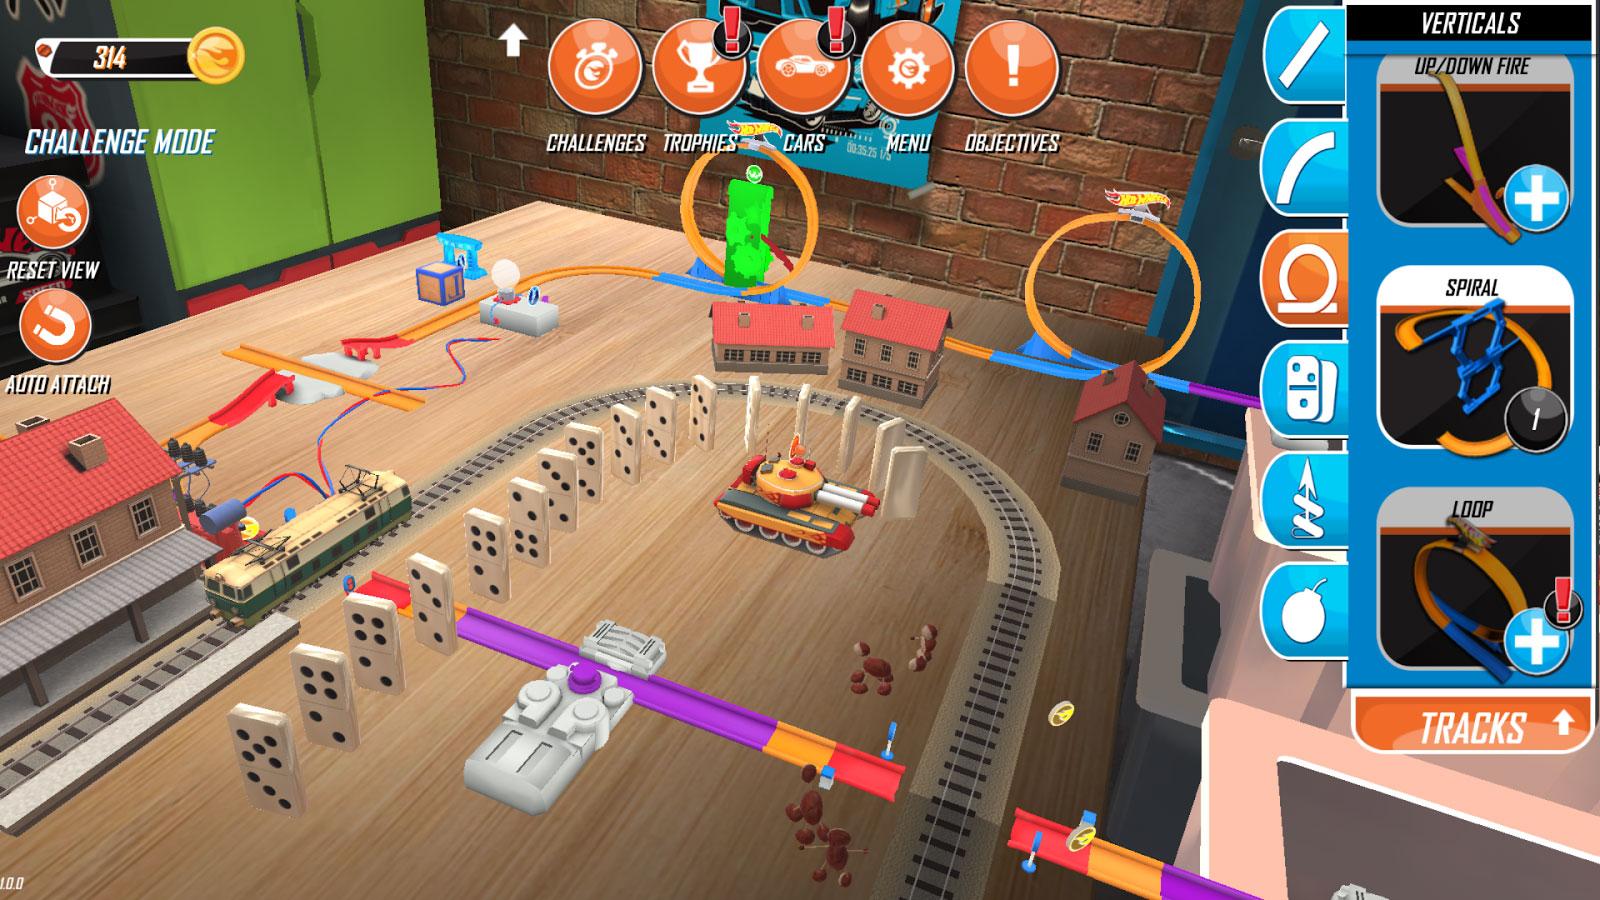 hotwheels-screenshot.jpg